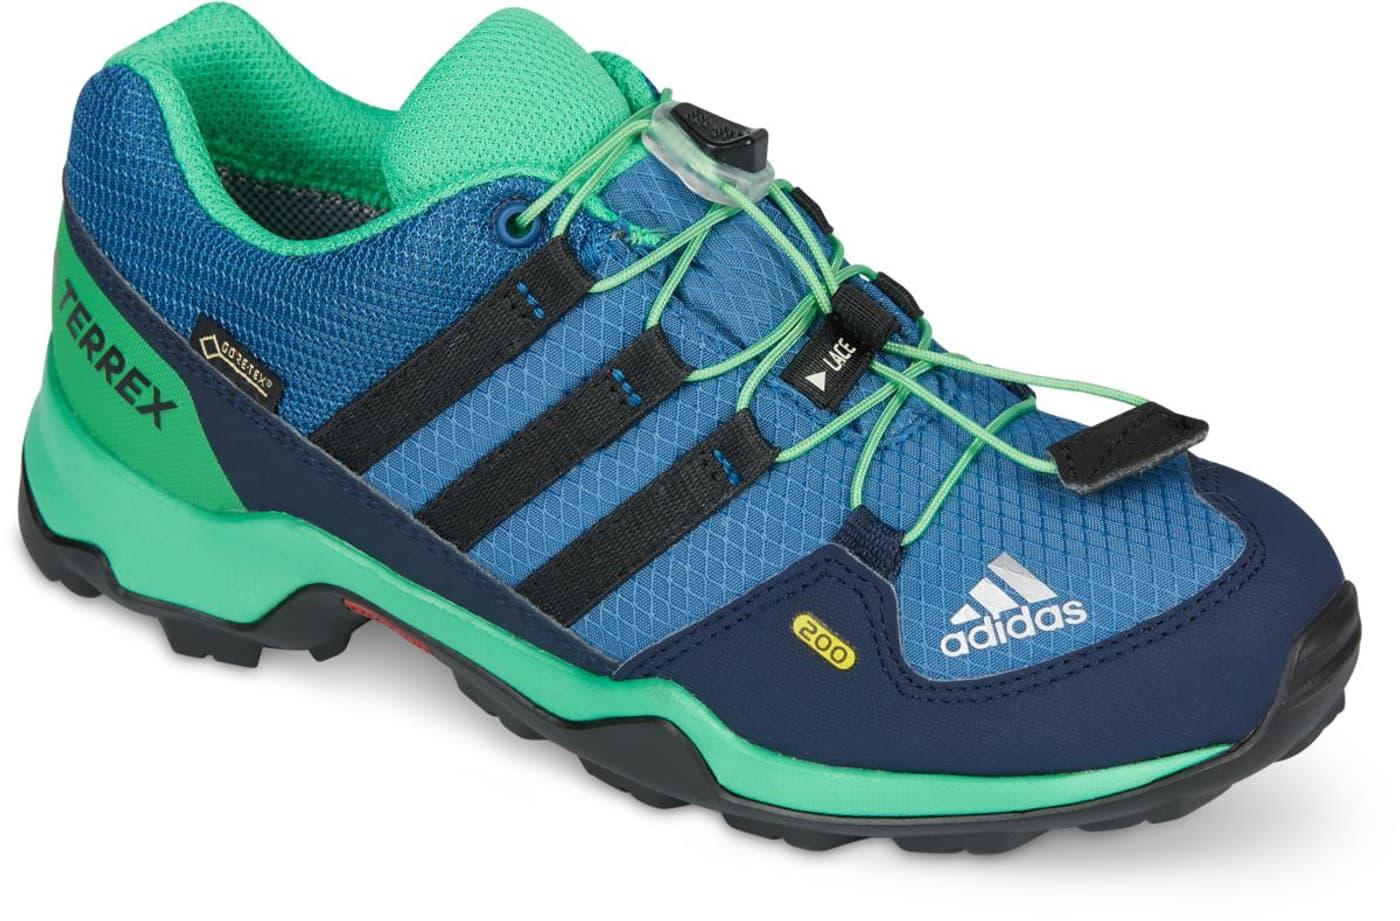 Terrex Adidas Multifunktionsschuh Kinder Adidas Adidas